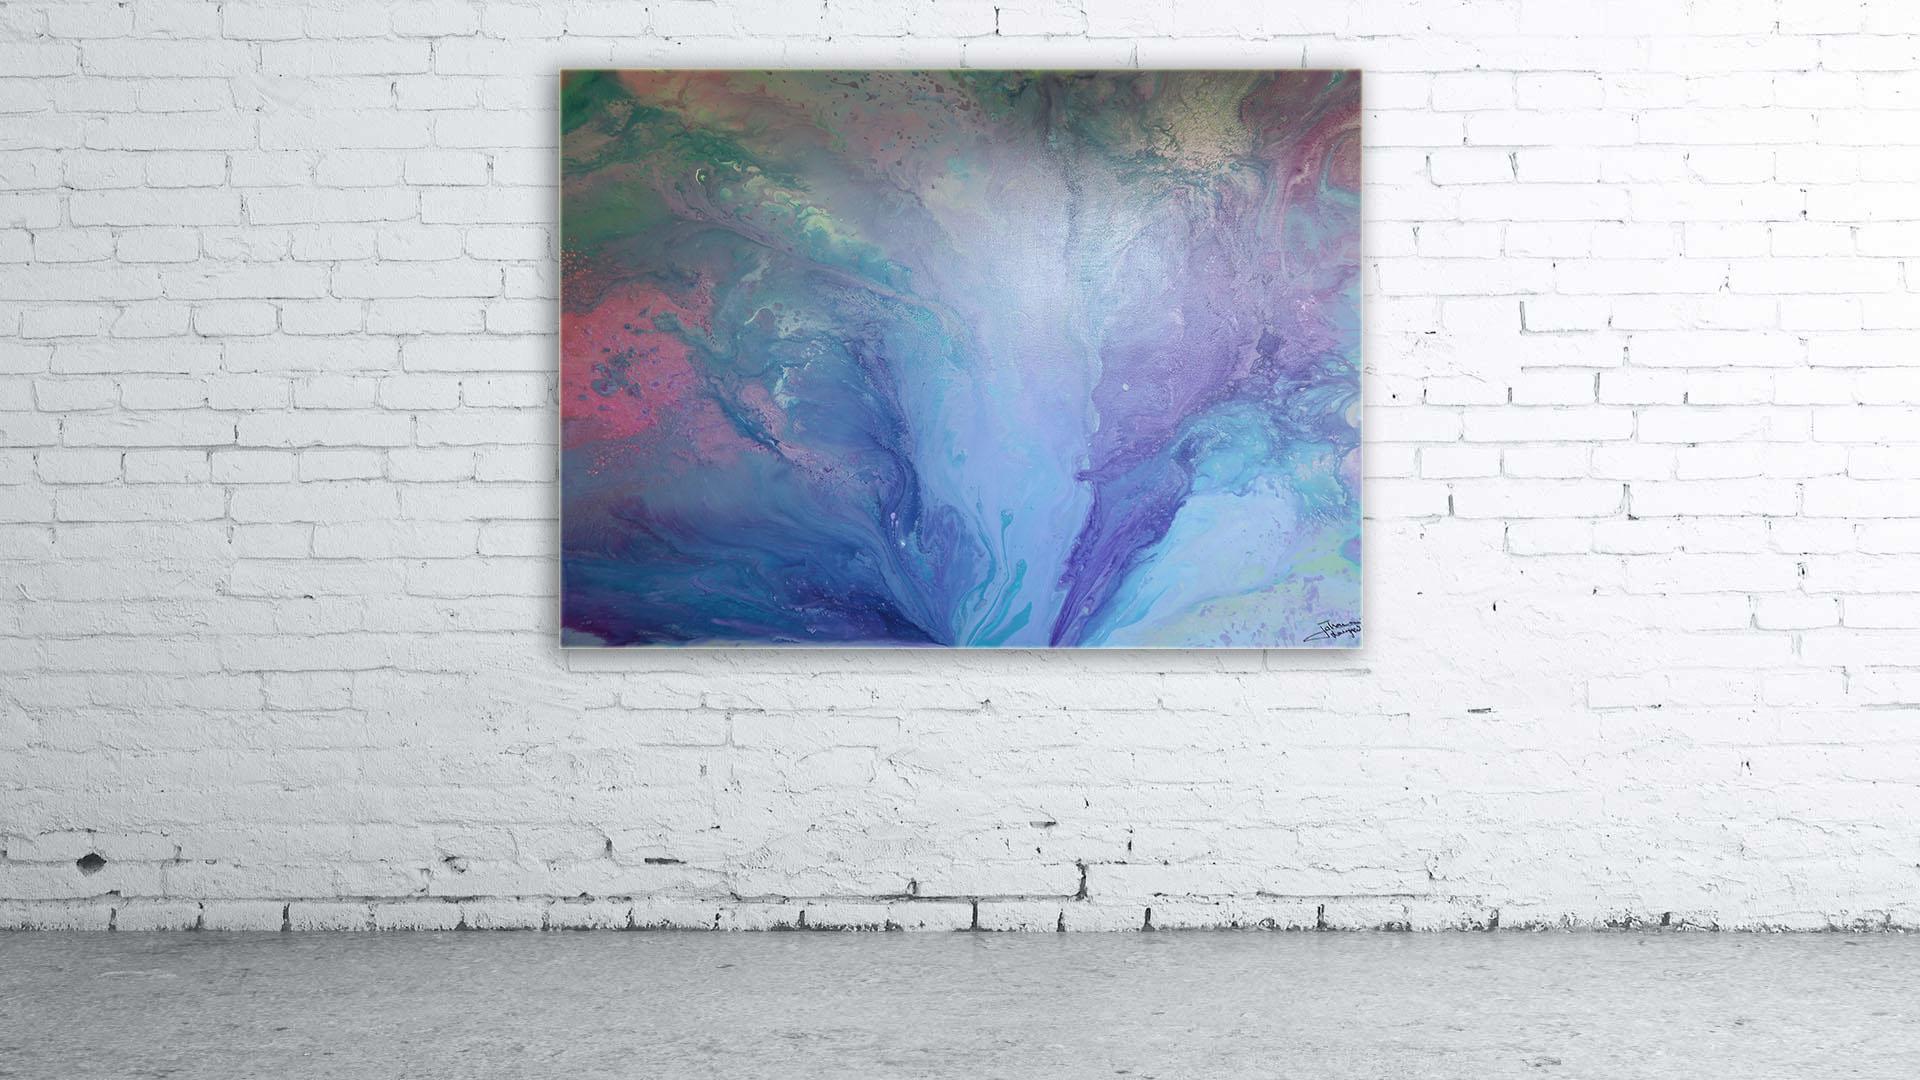 Fairytale ocean mist Image